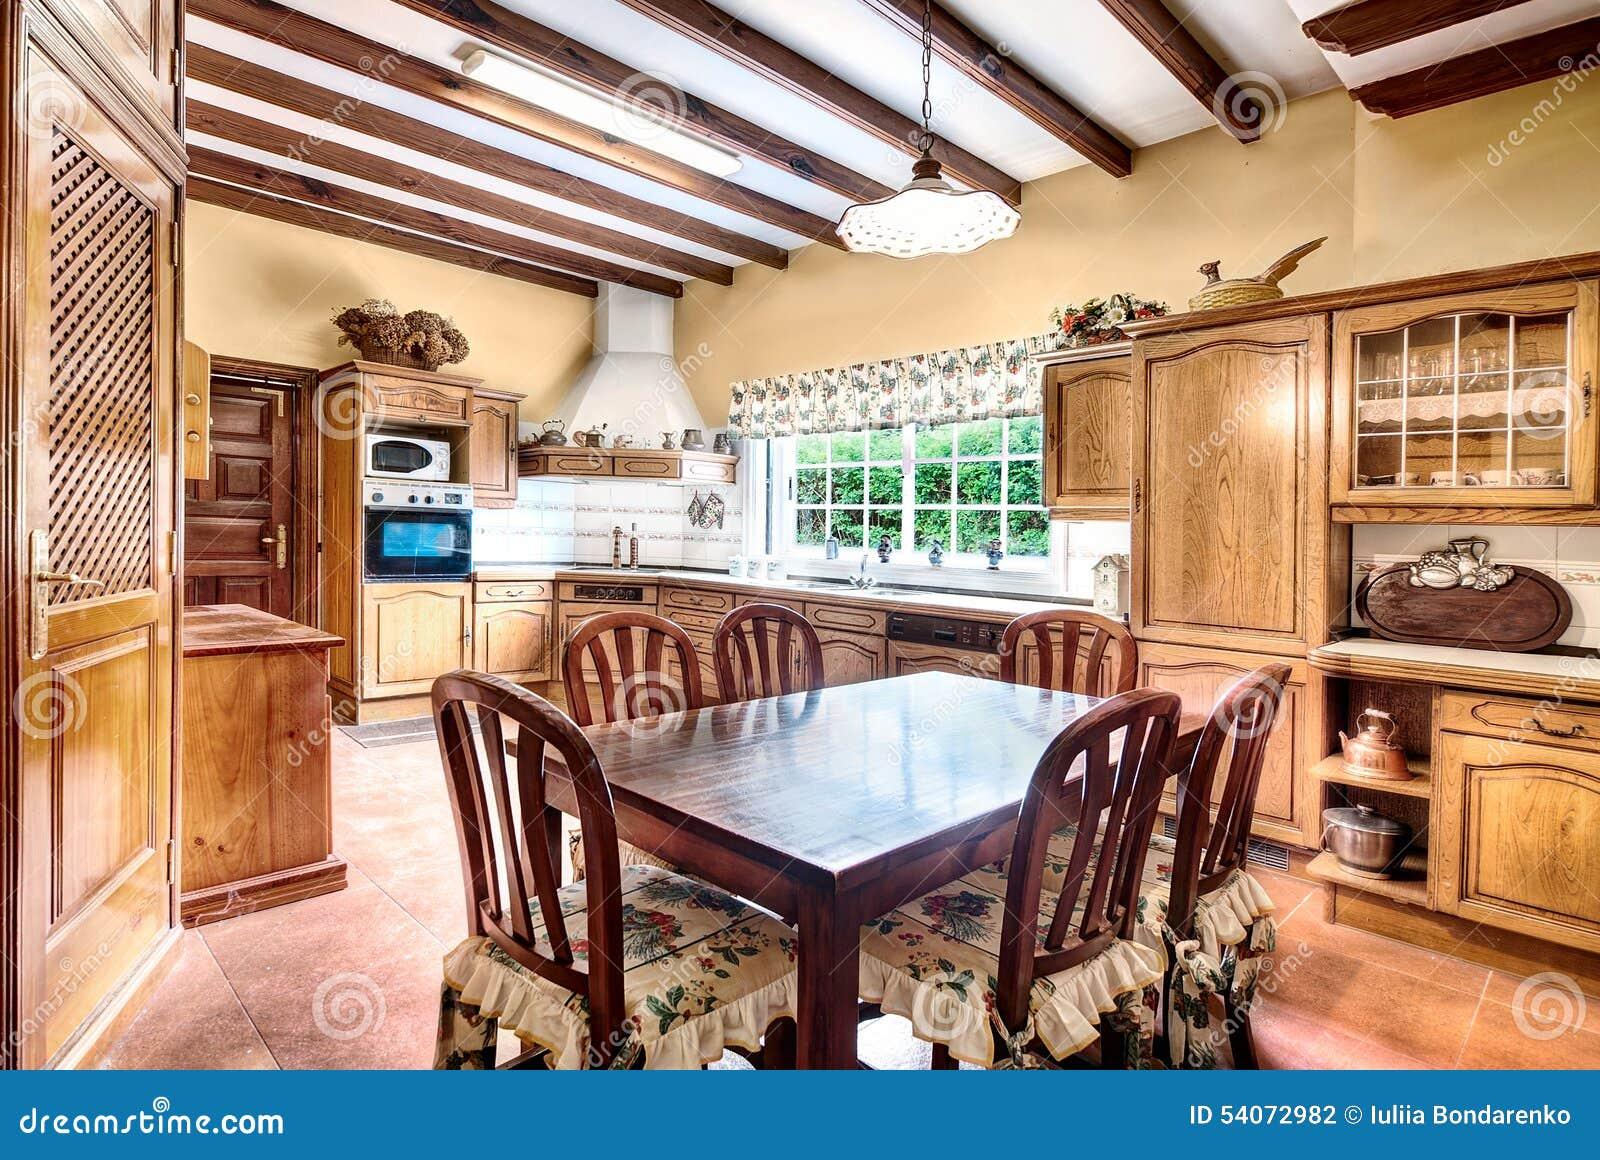 Cucina Stile Country Con Sala Da Pranzo Fotografia Stock